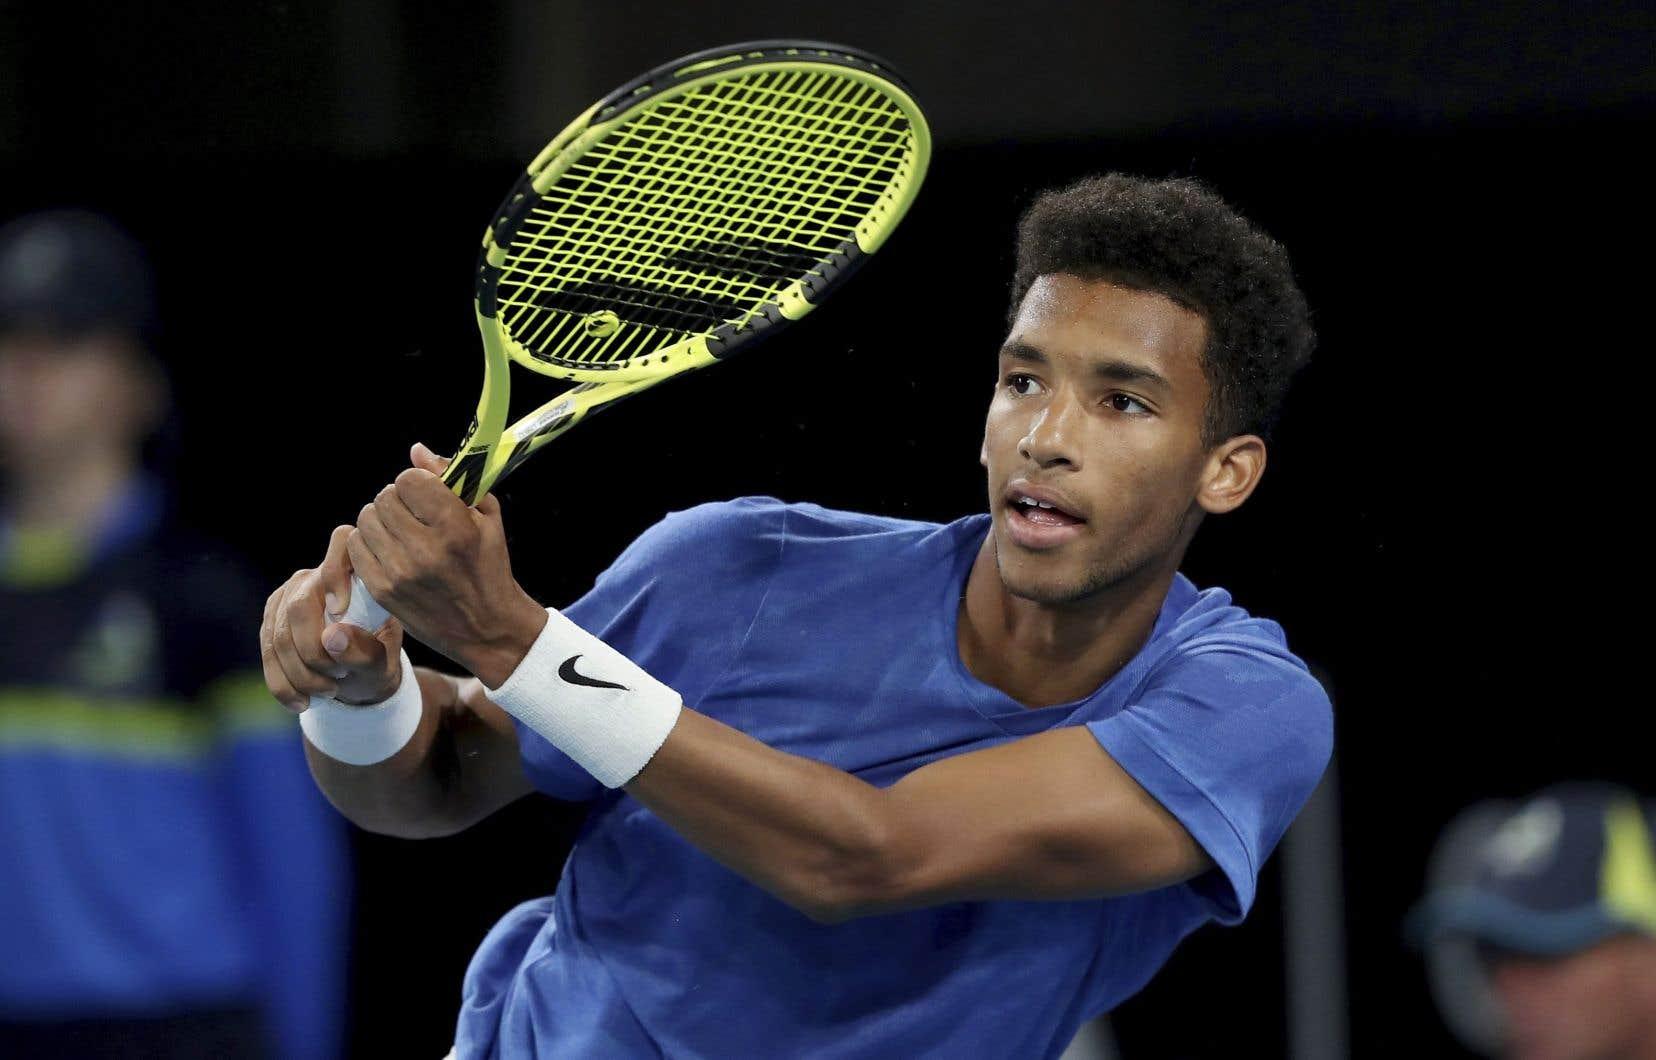 Pour Auger-Aliassime, il s'agissait d'une première participation à un tournoi de l'ATP depuis la fin de février, alors qu'il avait atteint les huitièmes de finale à l'Omnium du Mexique.